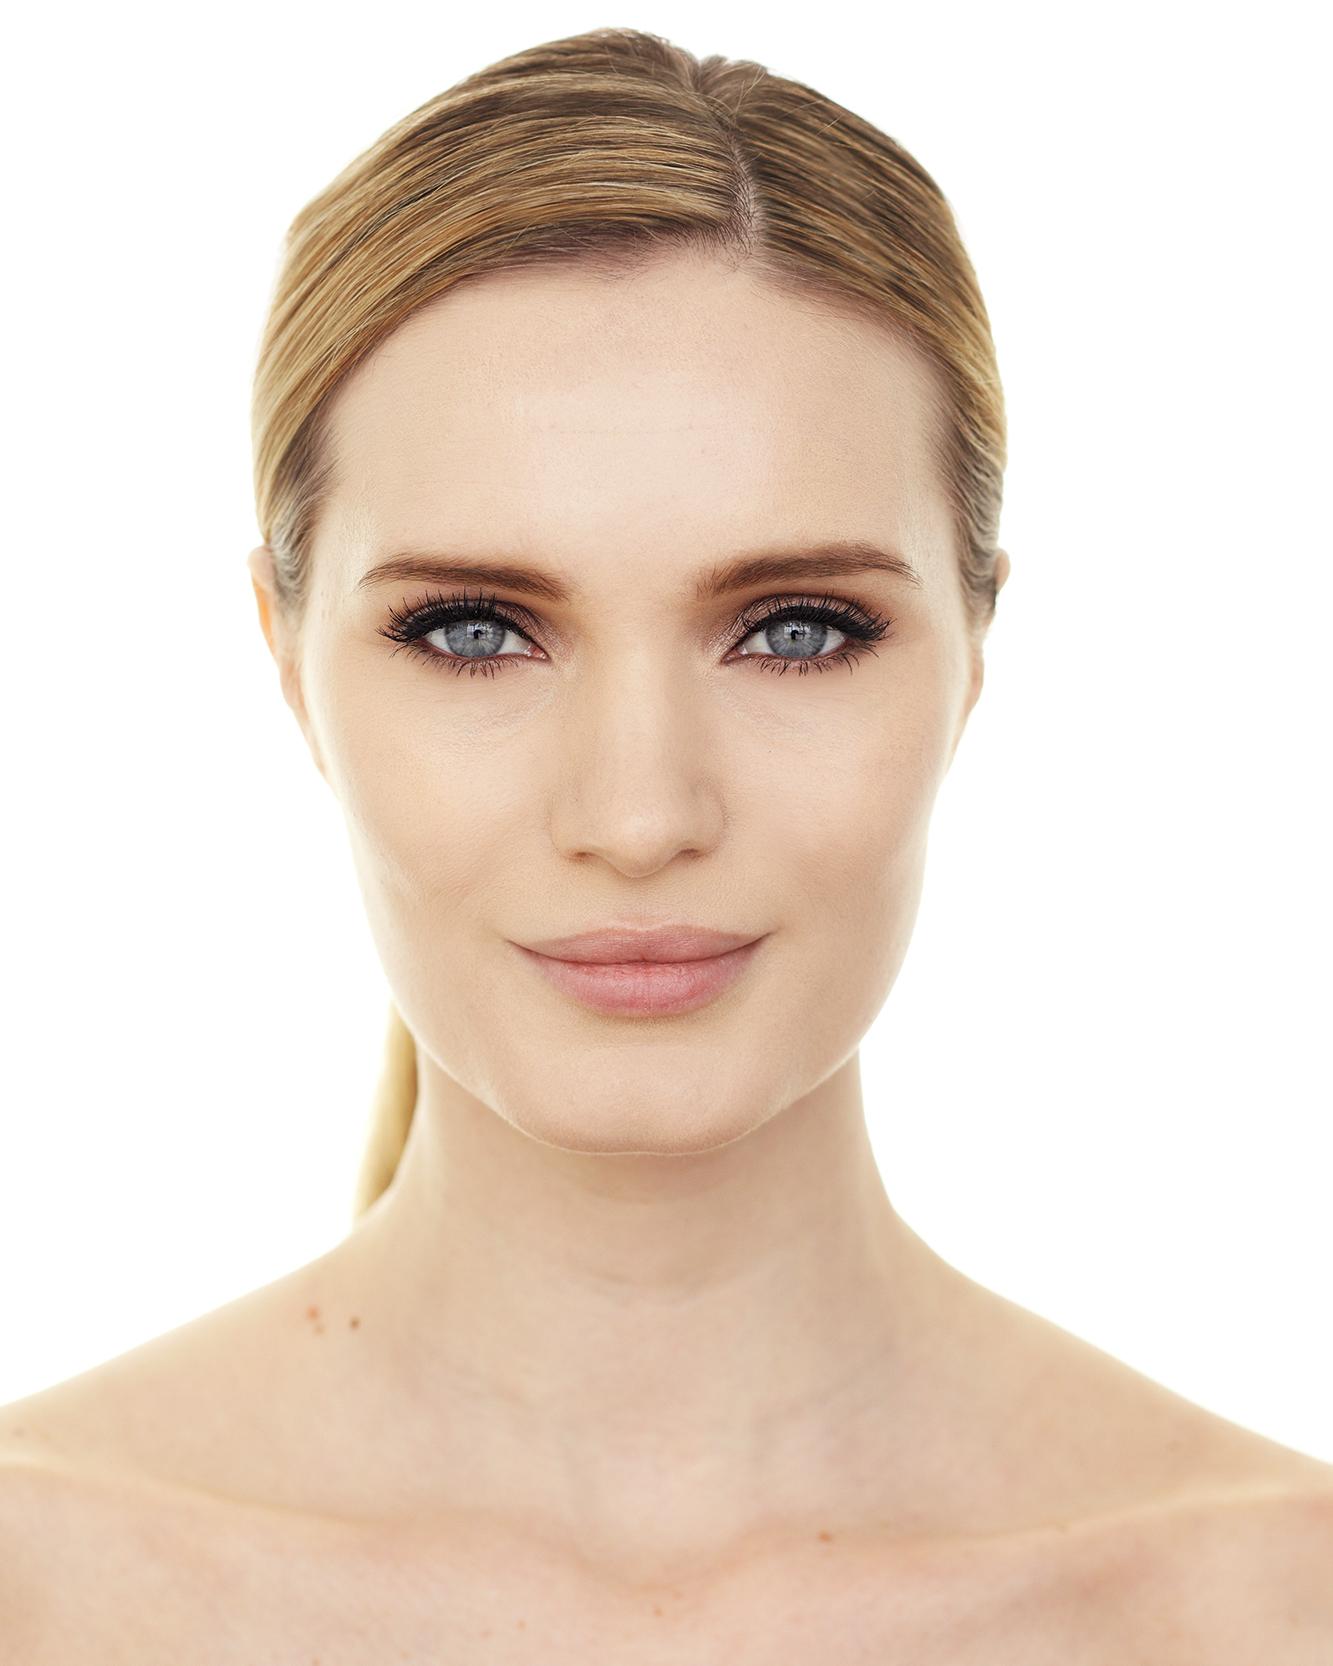 beauty-eyes-mwd108515.jpg